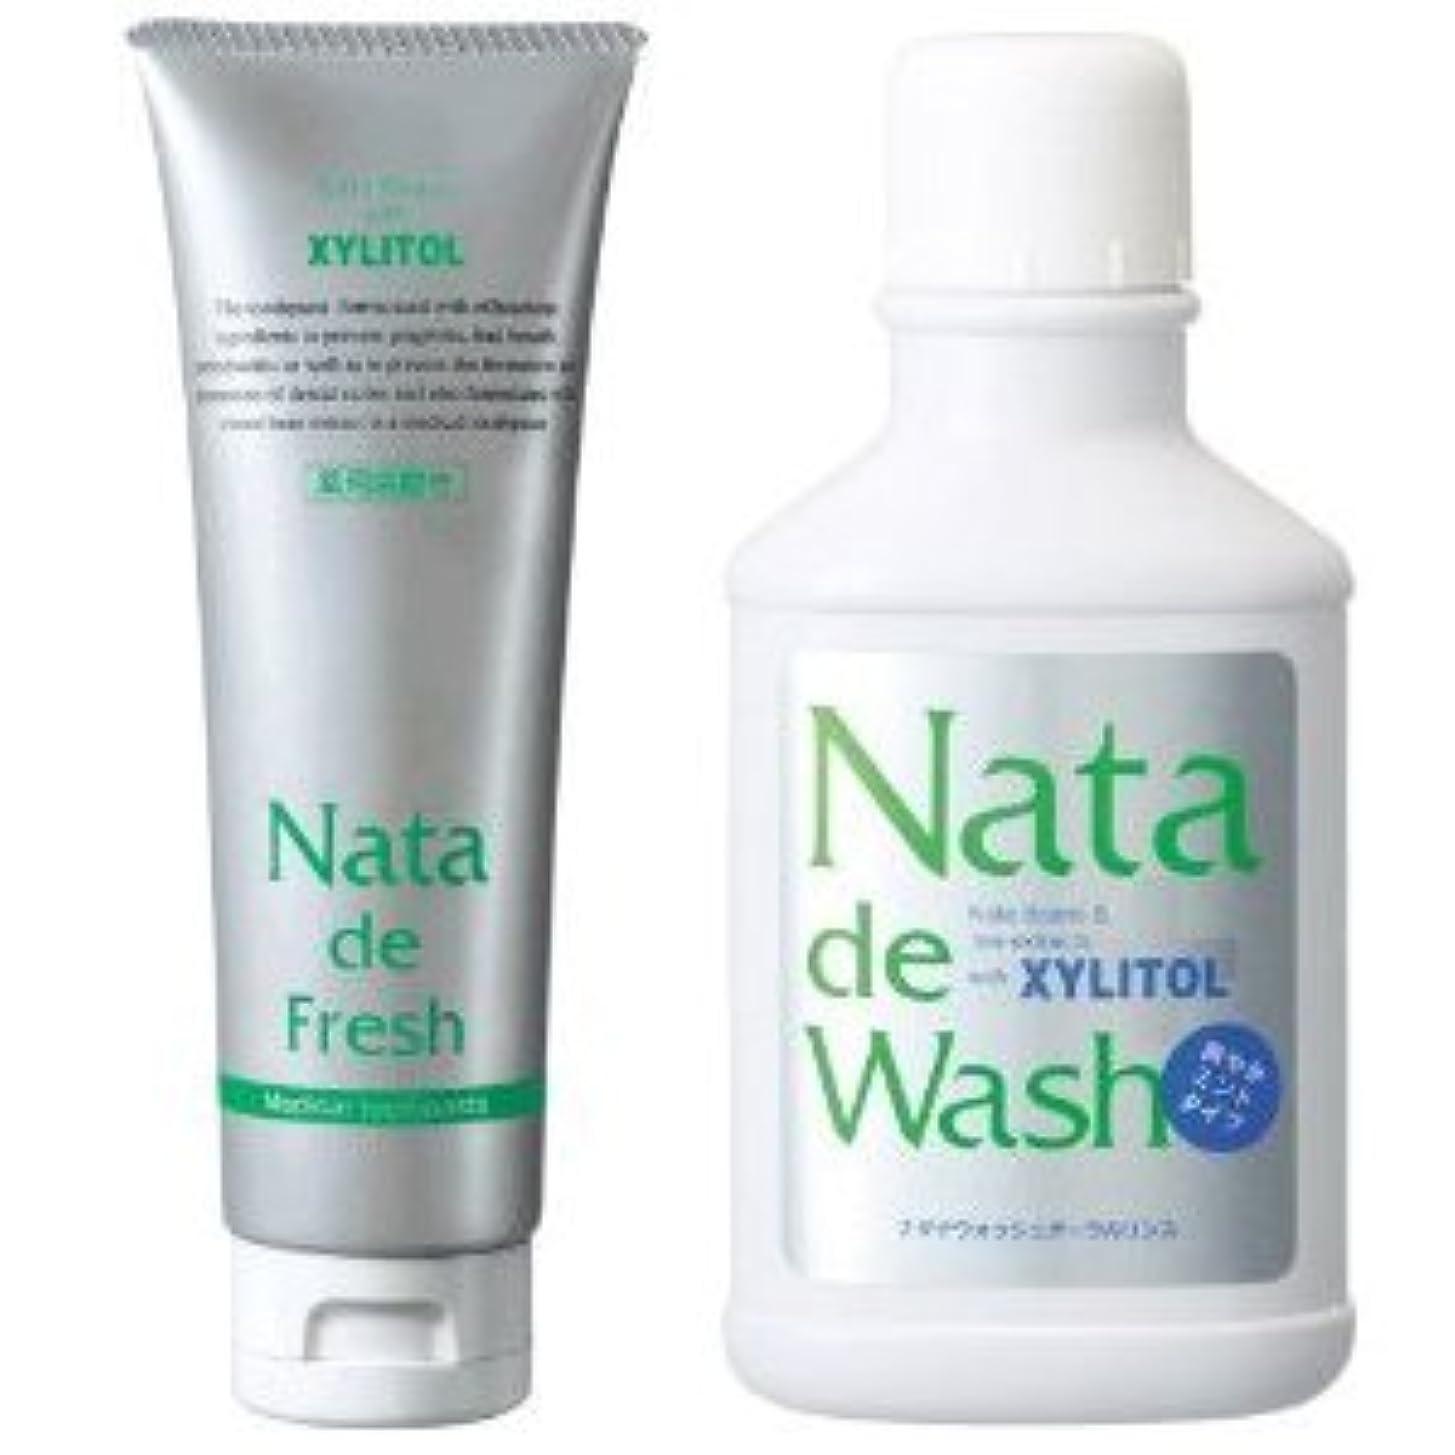 ナタデウォッシュ 口内環境セット 歯磨き+マウスウォッシュ ナタデフレッシュ+ナタデウォッシュ